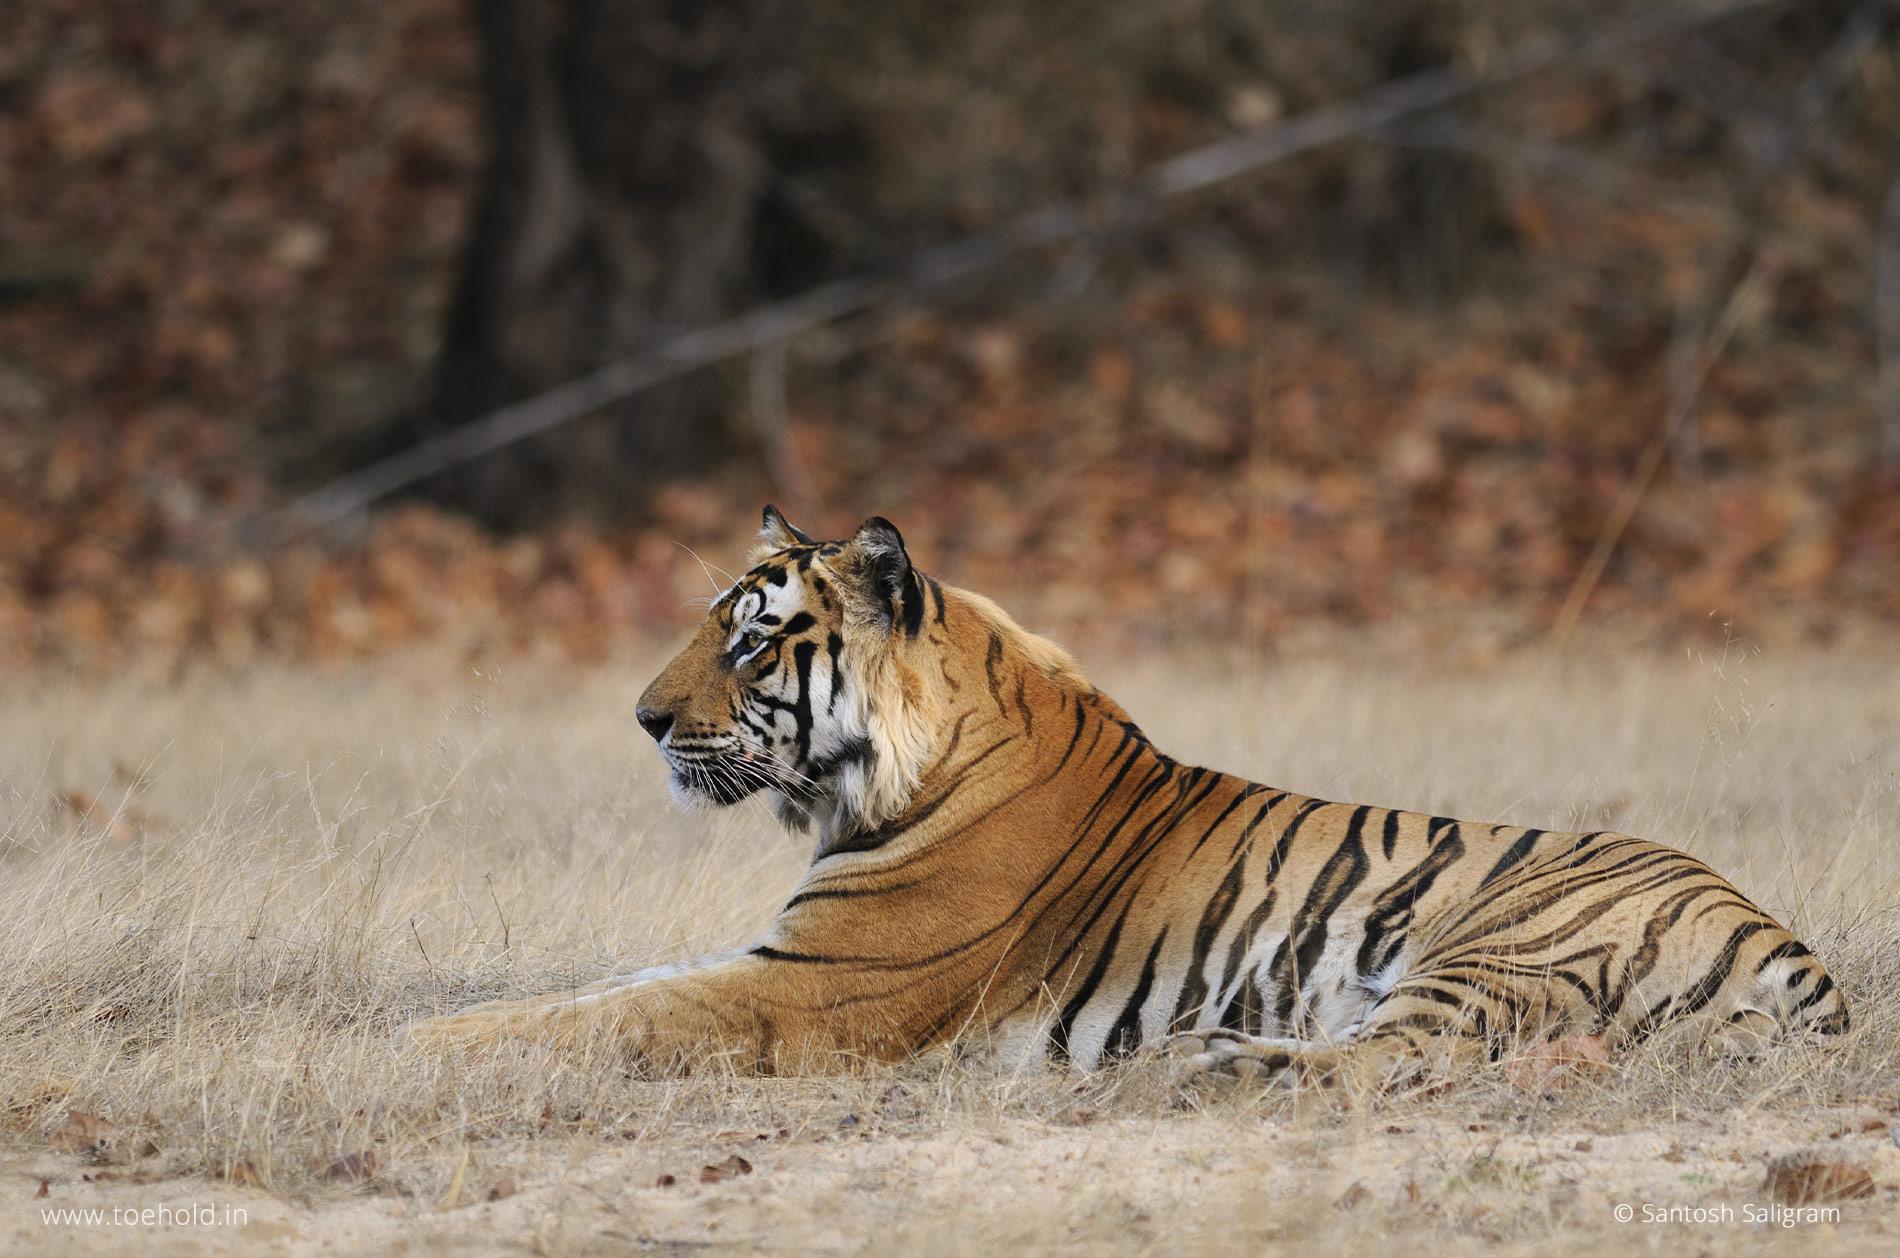 Bamera tiger, Bandhavgarh